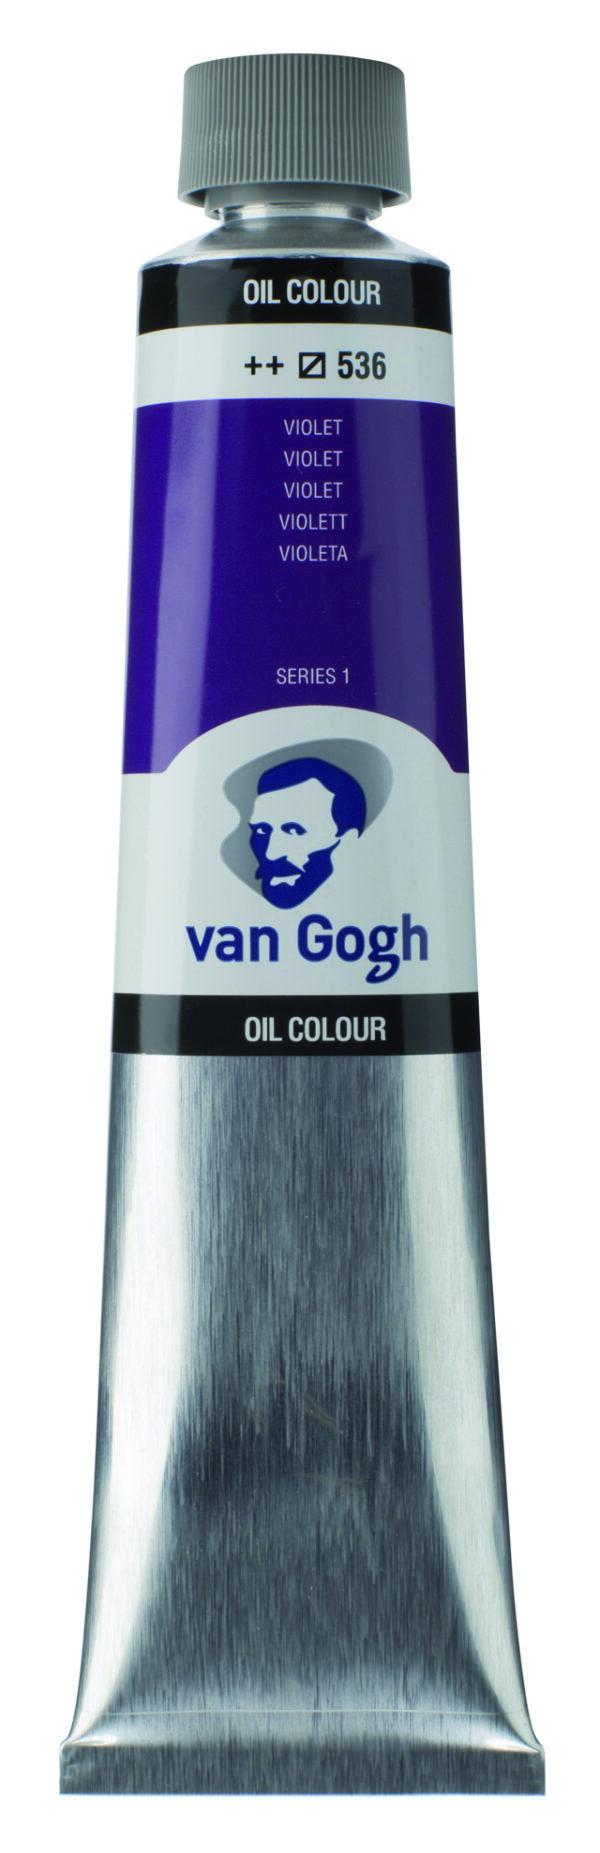 Van Gogh 536 Violet - 200 ml